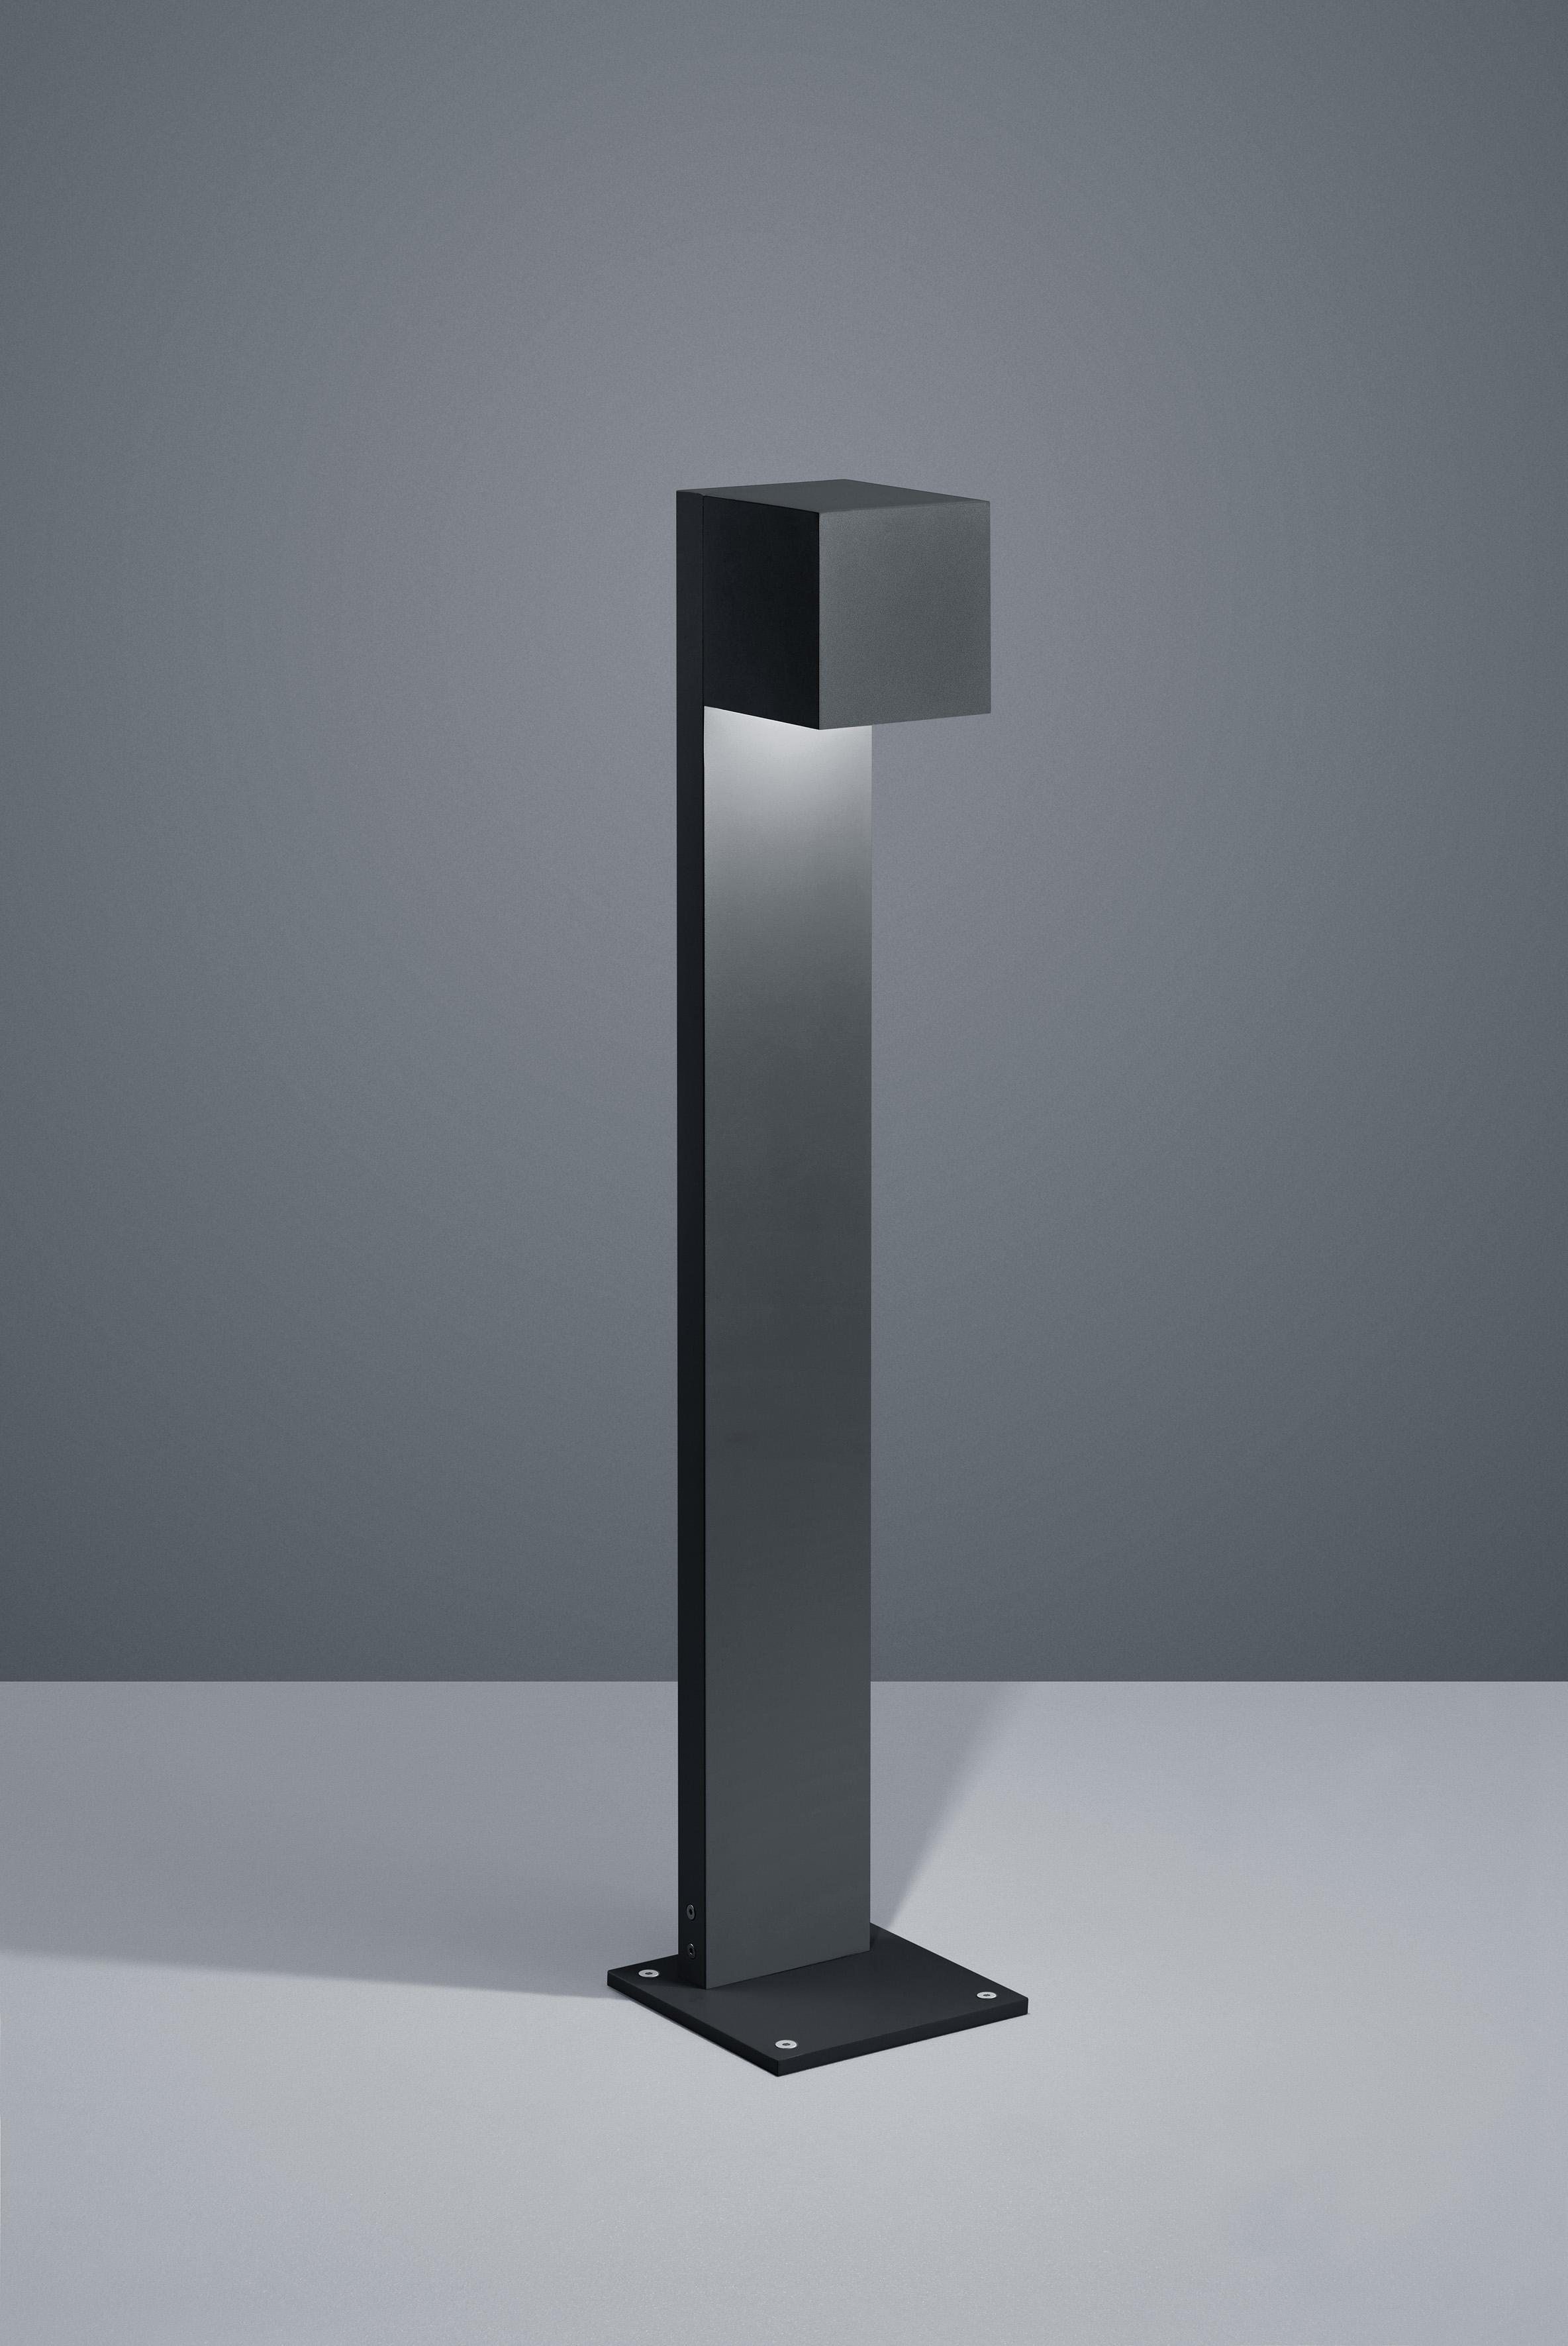 Aussenleuchten von Helestra Leuchten SIRI 44 LED- Aussenleuchte A19802.73